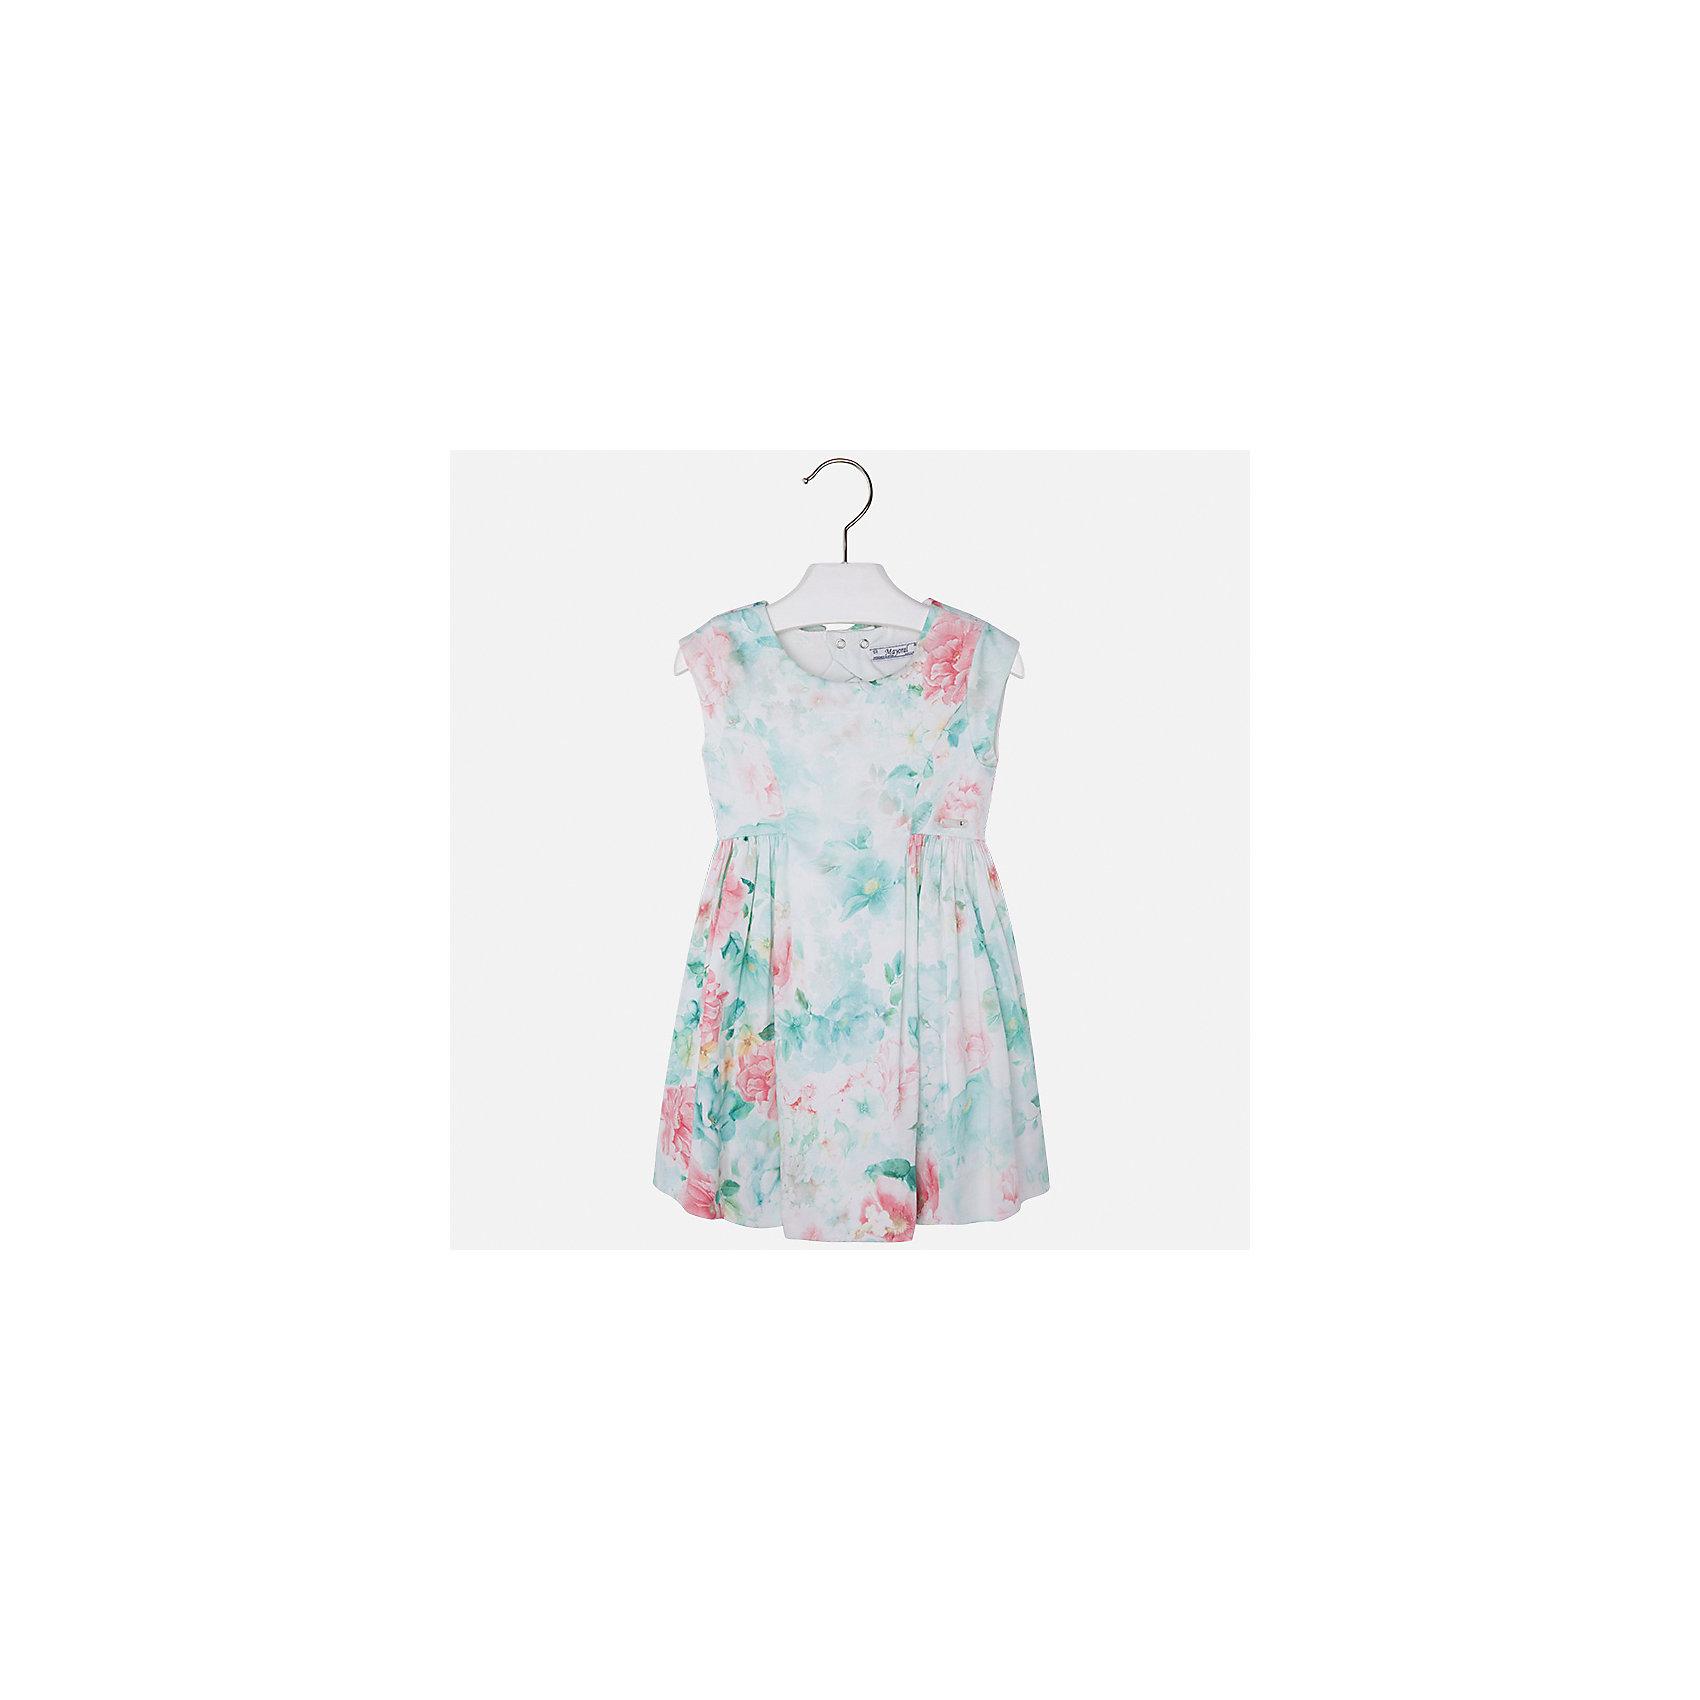 Платье для девочки MayoralХарактеристики товара:<br><br>• цвет: зеленый принт<br>• состав: 97% хлопок, 3% эластан, подкладка - 65% полиэстер, 35% хлопок<br>• застежка: молния<br>• легкий материал<br>• цветочный рисунок<br>• без рукавов<br>• с подкладкой<br>• страна бренда: Испания<br><br>Красивое легкое платье для девочки поможет разнообразить гардероб ребенка и создать эффектный наряд. Оно подойдет и для торжественных случаев, может быть и как ежедневный наряд. Красивый оттенок позволяет подобрать к вещи обувь разных расцветок. В составе материала подкладки - натуральный хлопок, гипоаллергенный, приятный на ощупь, дышащий. Платье хорошо сидит по фигуре.<br><br>Одежда, обувь и аксессуары от испанского бренда Mayoral полюбились детям и взрослым по всему миру. Модели этой марки - стильные и удобные. Для их производства используются только безопасные, качественные материалы и фурнитура. Порадуйте ребенка модными и красивыми вещами от Mayoral! <br><br>Платье для девочки от испанского бренда Mayoral (Майорал) можно купить в нашем интернет-магазине.<br><br>Ширина мм: 236<br>Глубина мм: 16<br>Высота мм: 184<br>Вес г: 177<br>Цвет: синий<br>Возраст от месяцев: 96<br>Возраст до месяцев: 108<br>Пол: Женский<br>Возраст: Детский<br>Размер: 134,92,98,104,110,116,122,128<br>SKU: 5291135